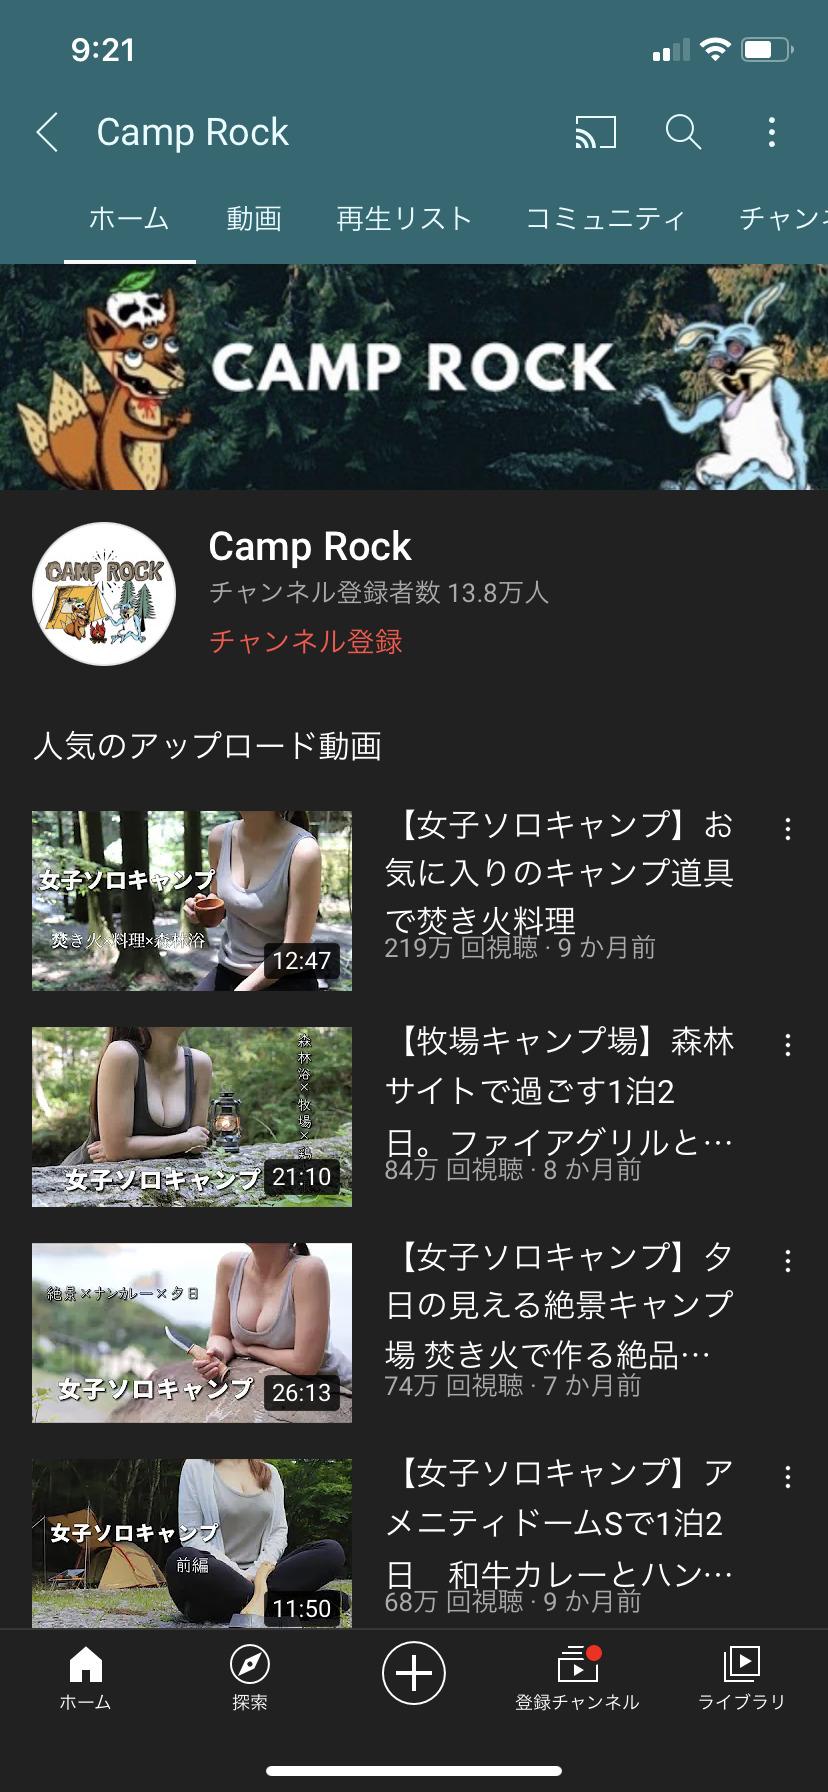 【画像】ソロキャンプ系YouTube、ソロ女子レ●プを推奨してしまう